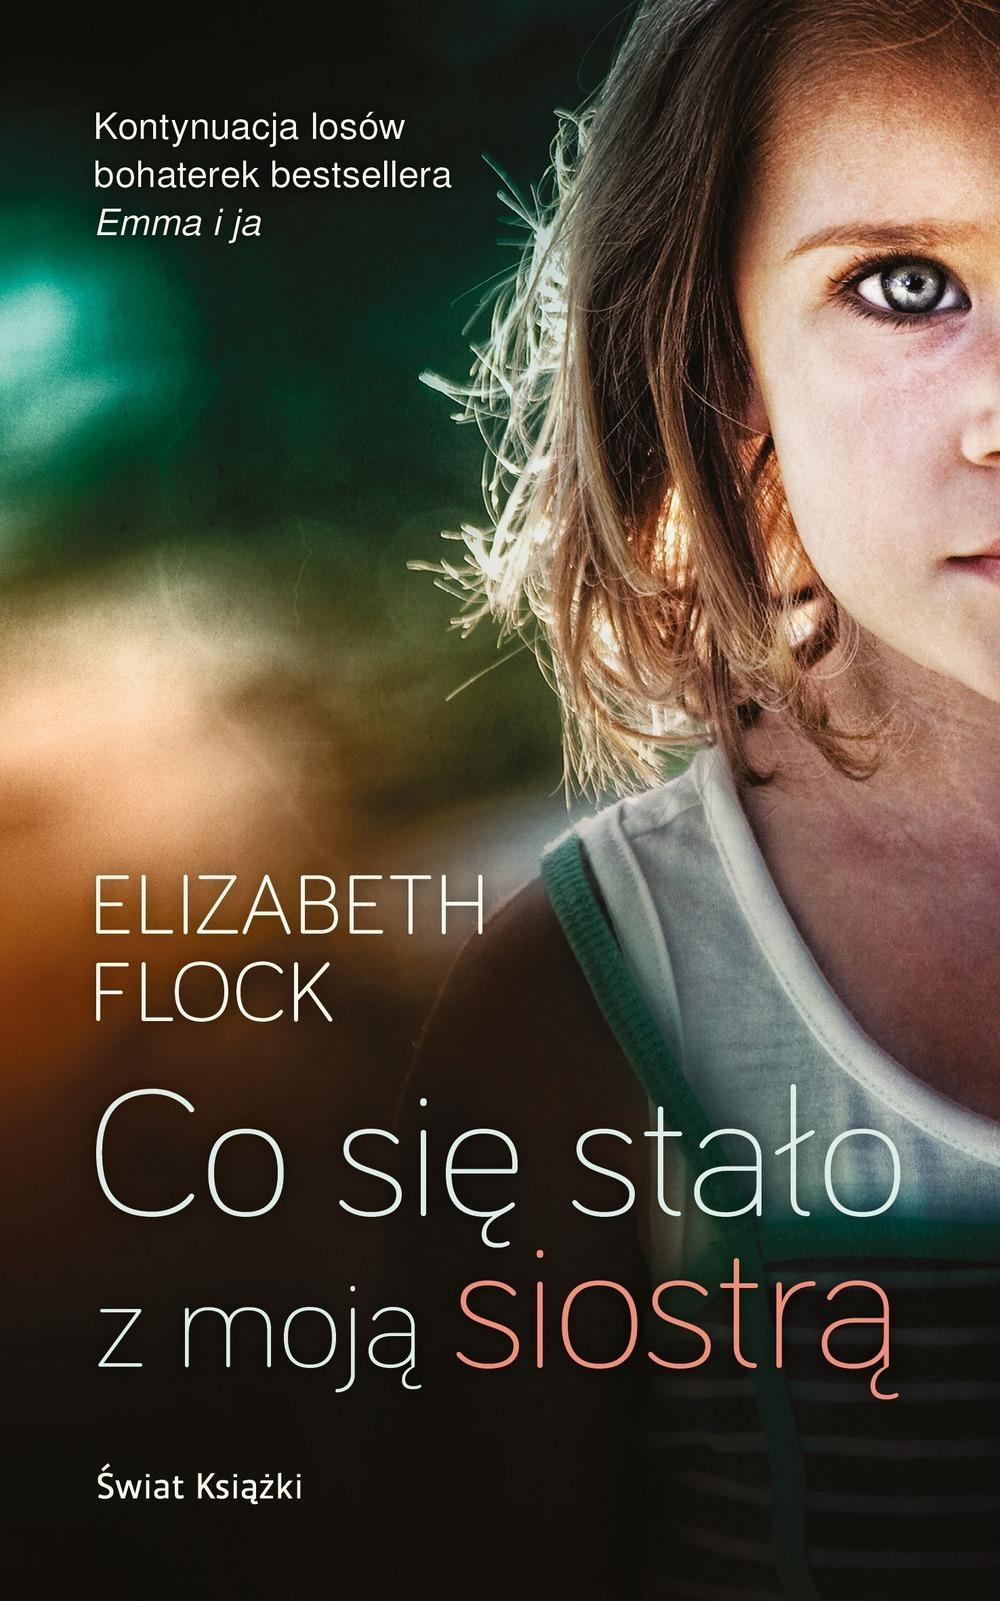 Co się stało z moją siostrą Elizabeth Flock